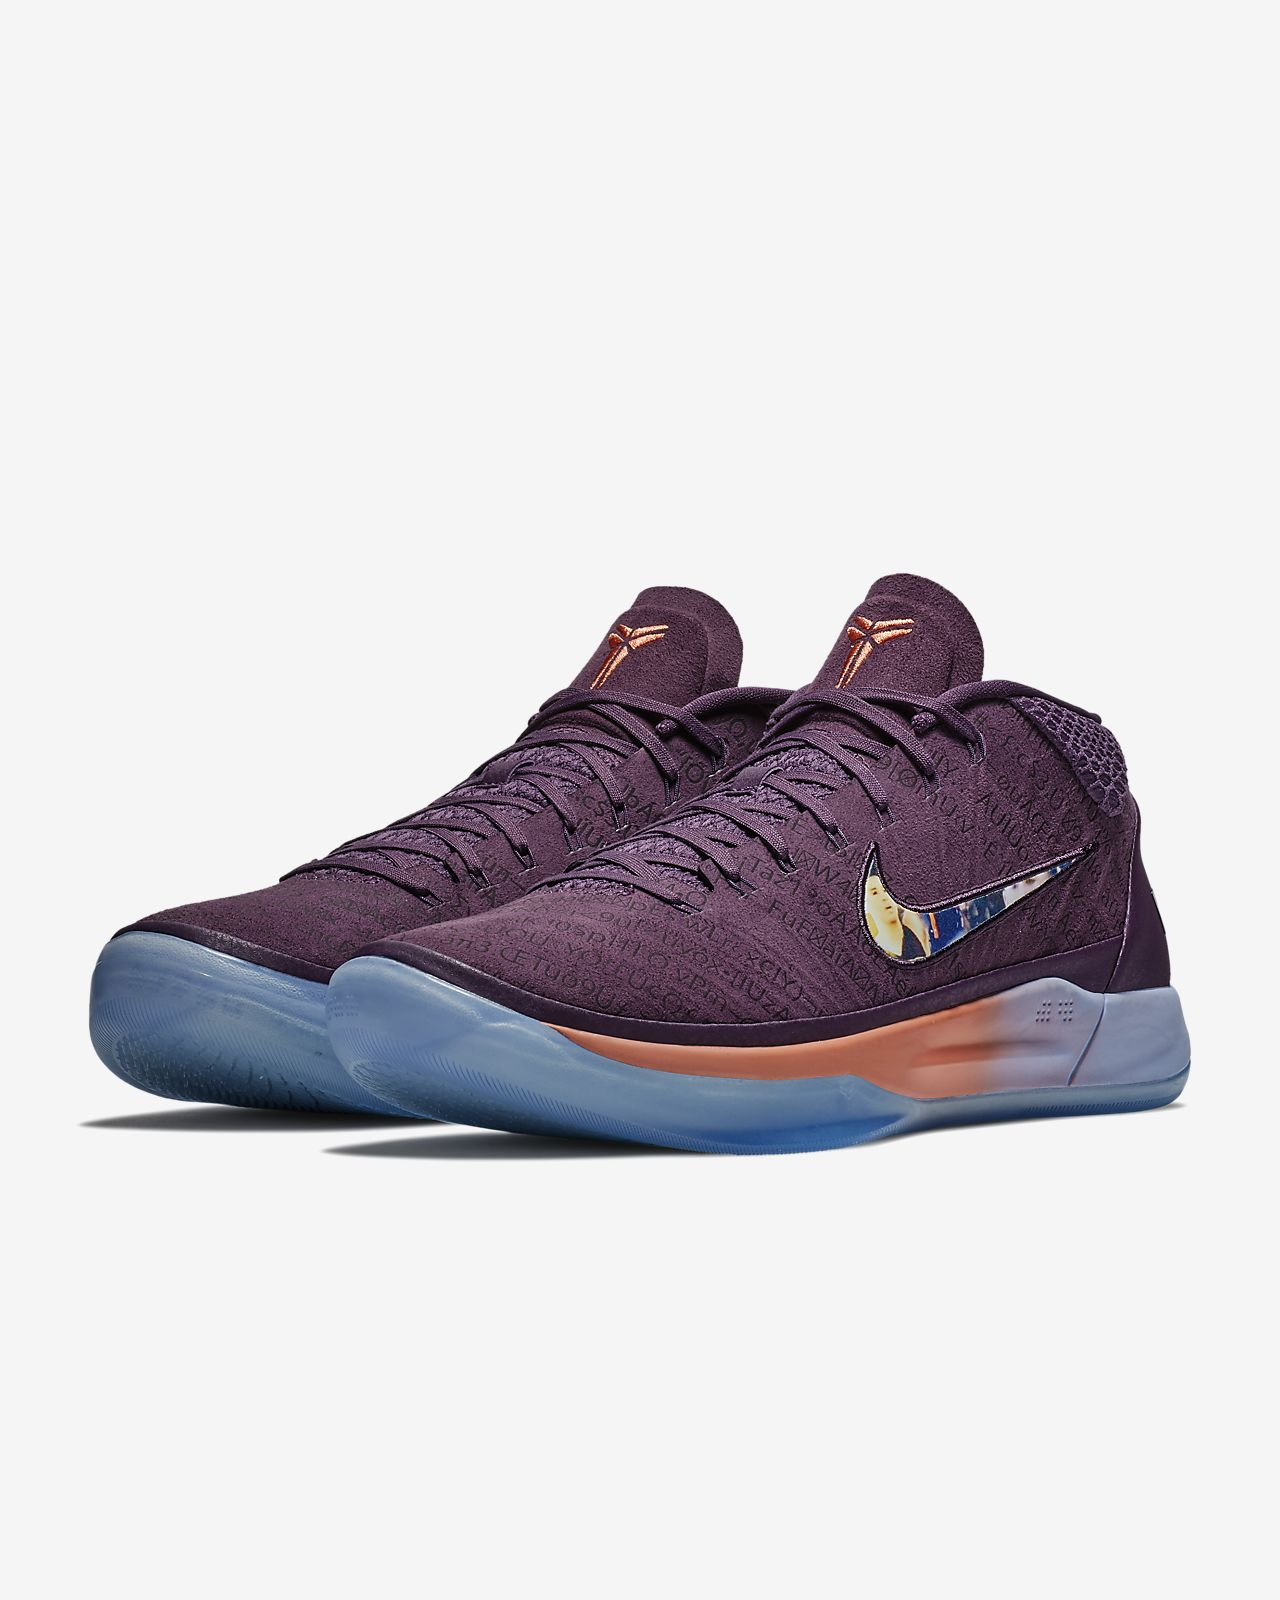 Nike Kode AD Booker PE Purple Suns Mens Sizes